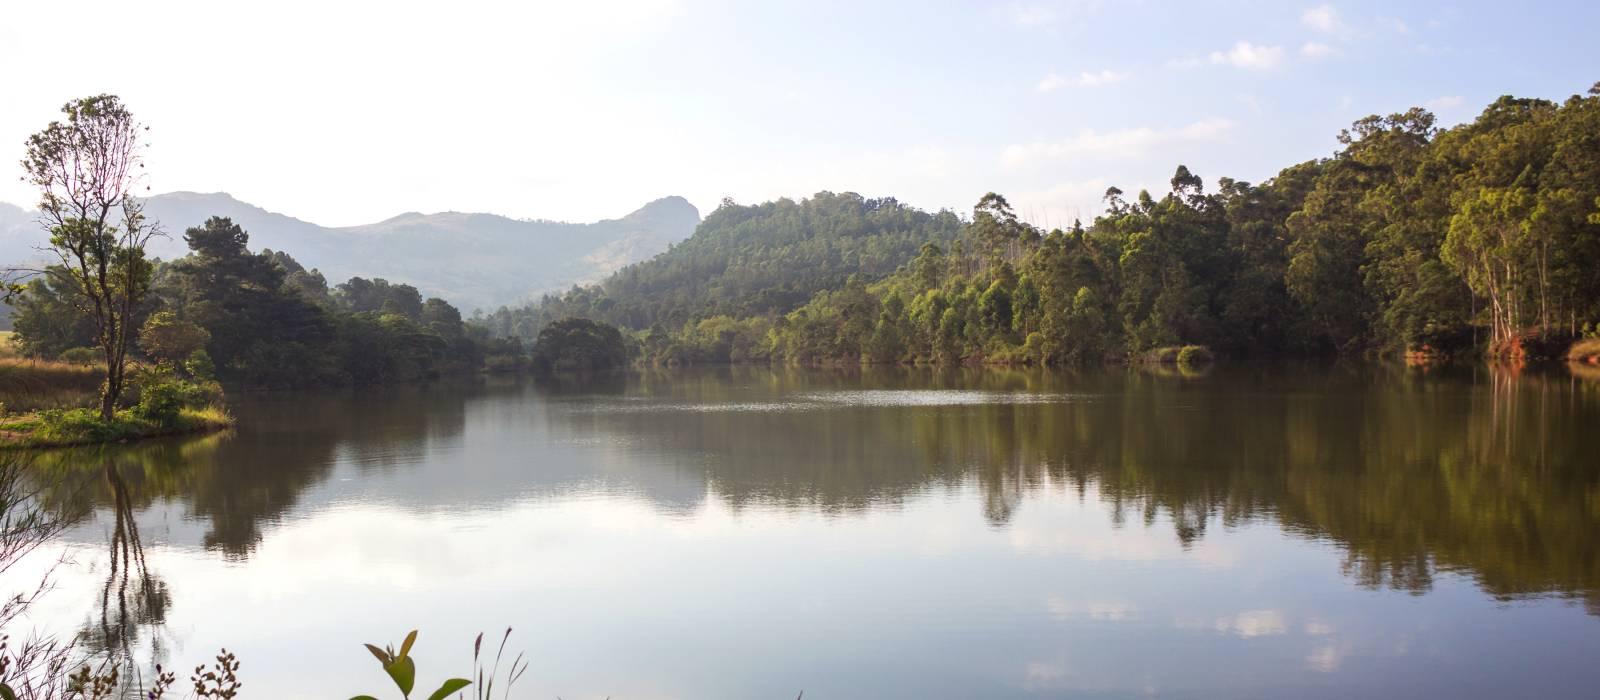 Mlilwane Wildlife Sanctuary und sein See in der Nähe von Bäumen bei Sonnenuntergang in Swasiland, Afrika.